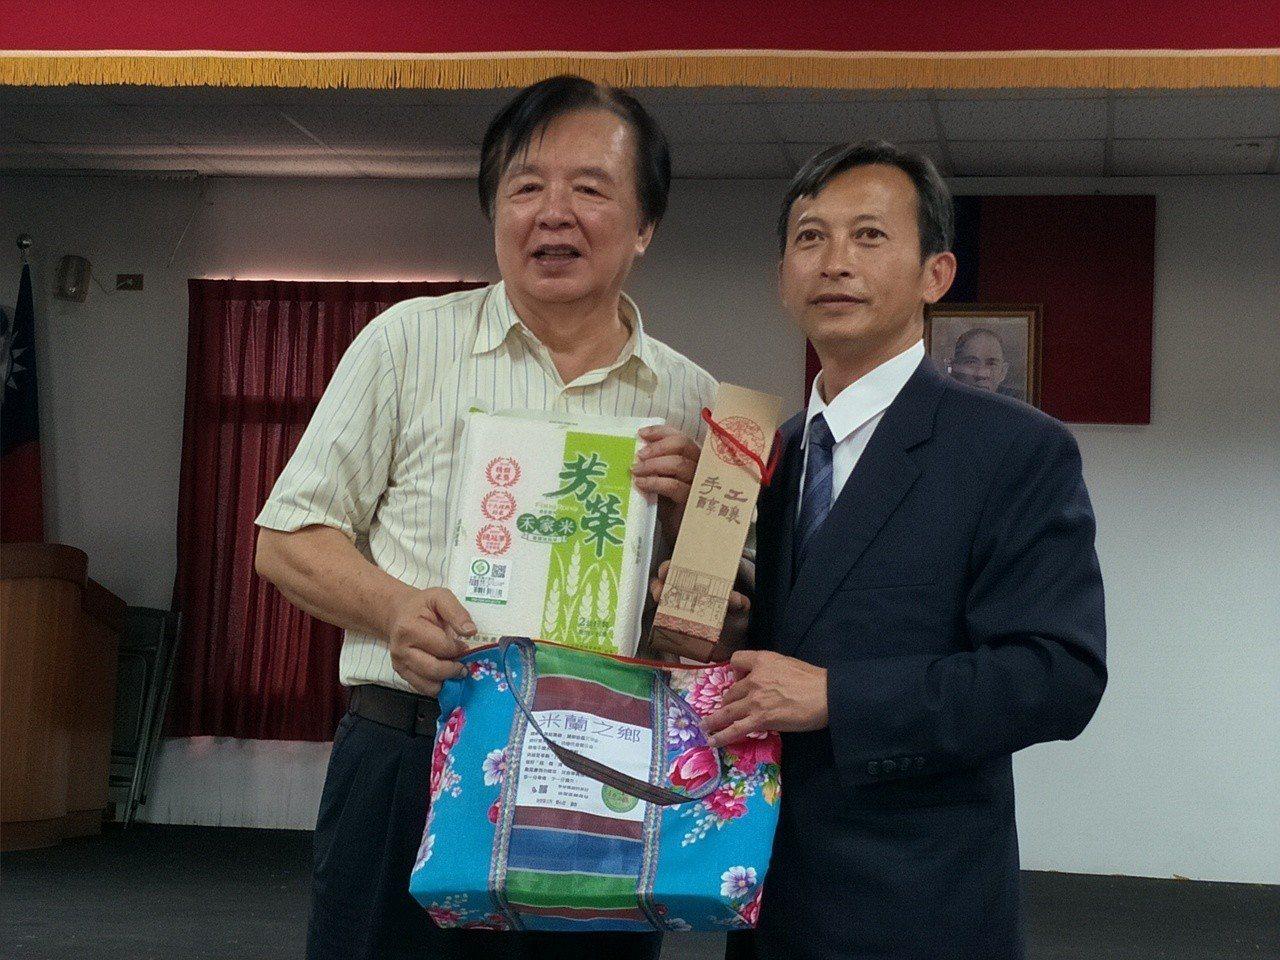 後壁區長翁振祥(右)回贈後壁特產禮盒給林繁男。記者謝進盛/攝影